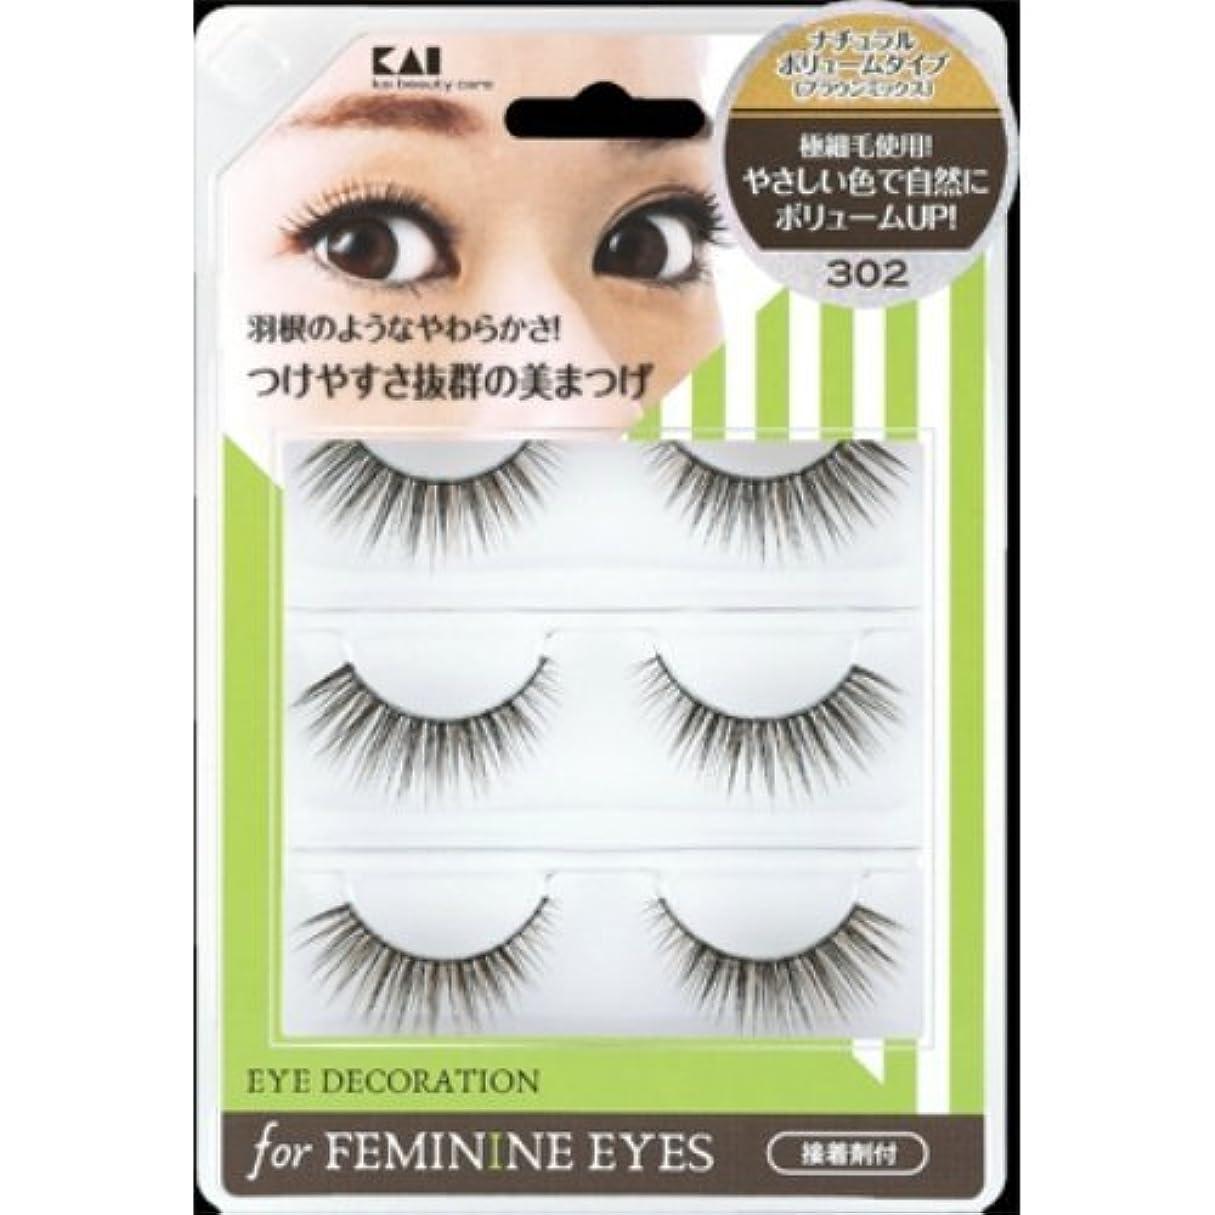 彼は論争労働者貝印 アイデコレーション for feminine eyes 302 HC1562